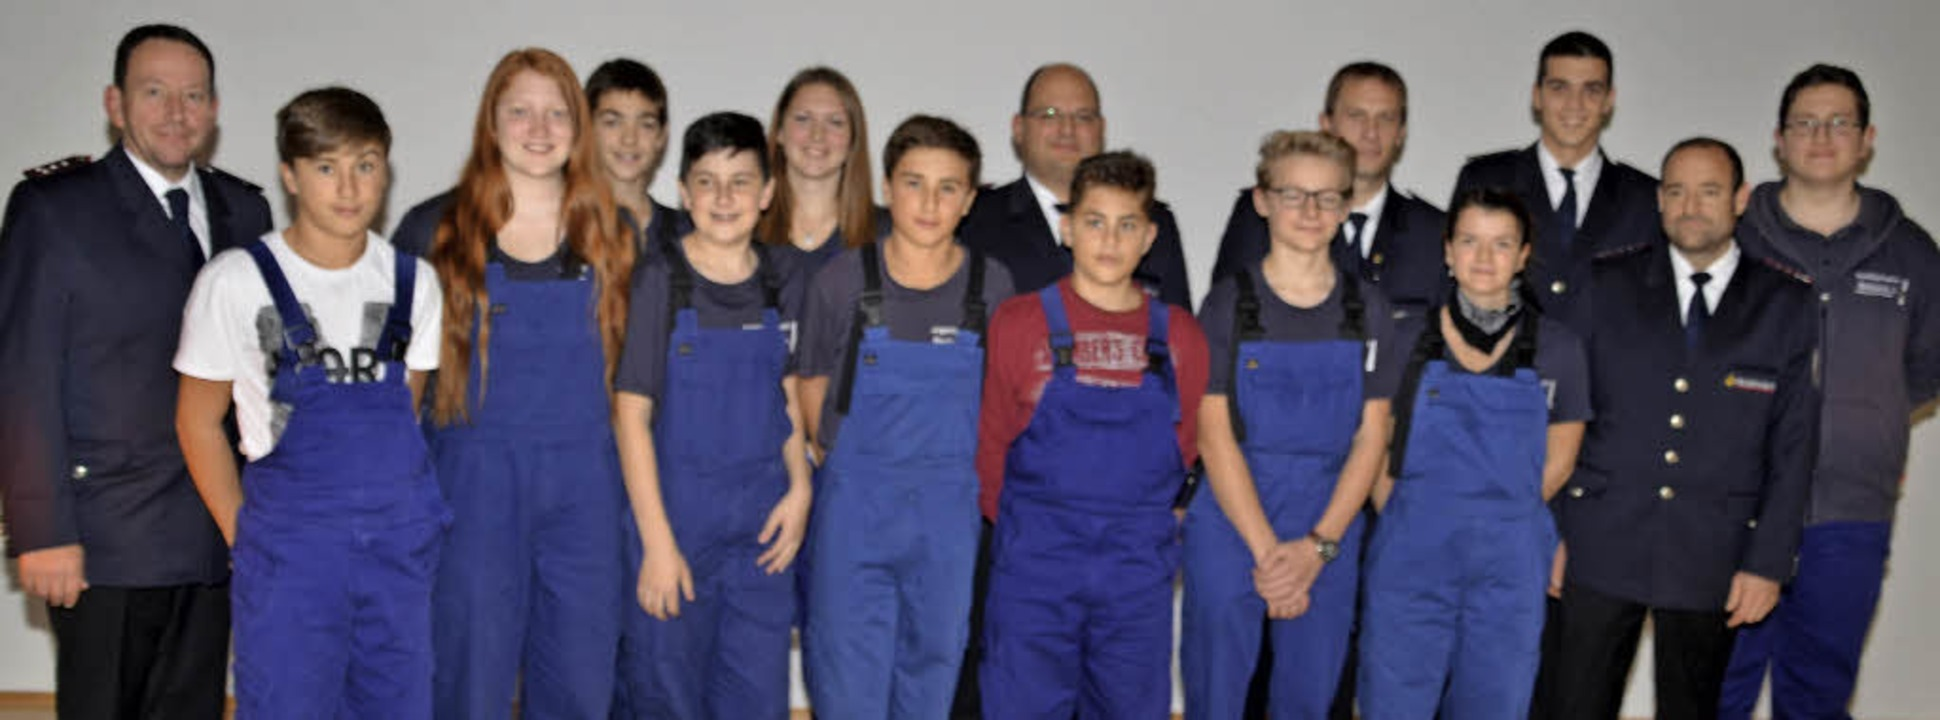 Zum zehnjährigen Bestehen der  Jugendf...Jochen Böhme (vordere Reihe, rechts).   | Foto: Hans-Jochen Voigt